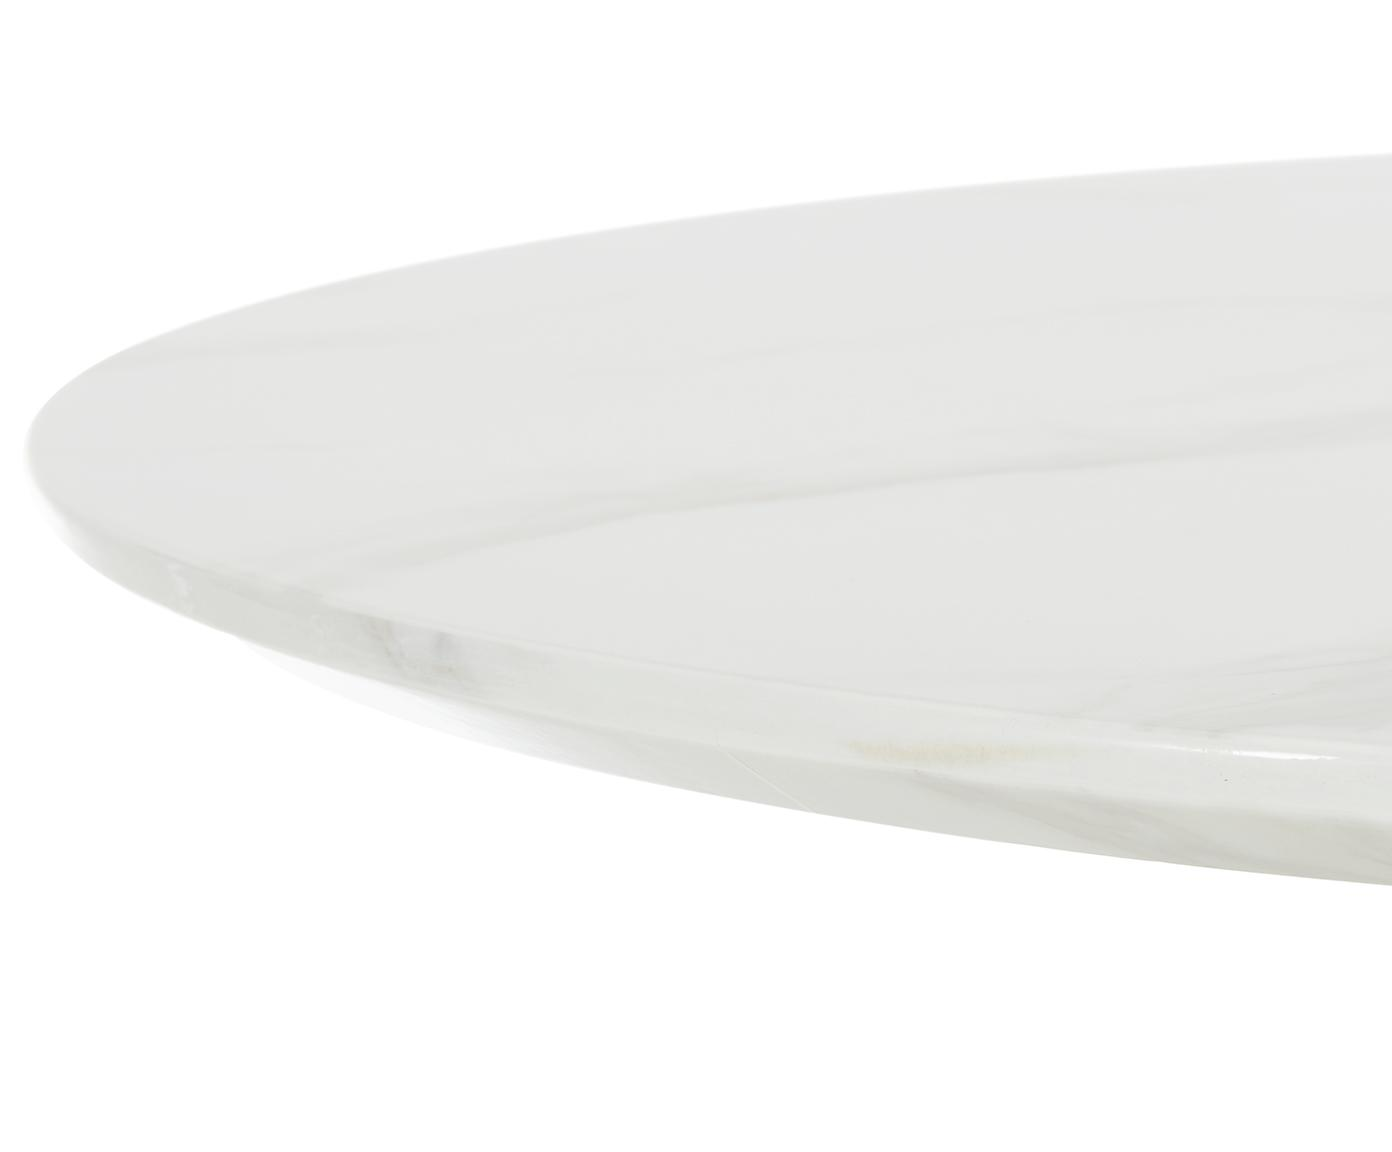 Runder Esstisch Karla in Marmoroptik, Tischplatte: Mitteldichte Holzfaserpla, Tischplatte: Weiss, marmoriert Tischbein: Weiss, matt, Ø 90 x H 75 cm